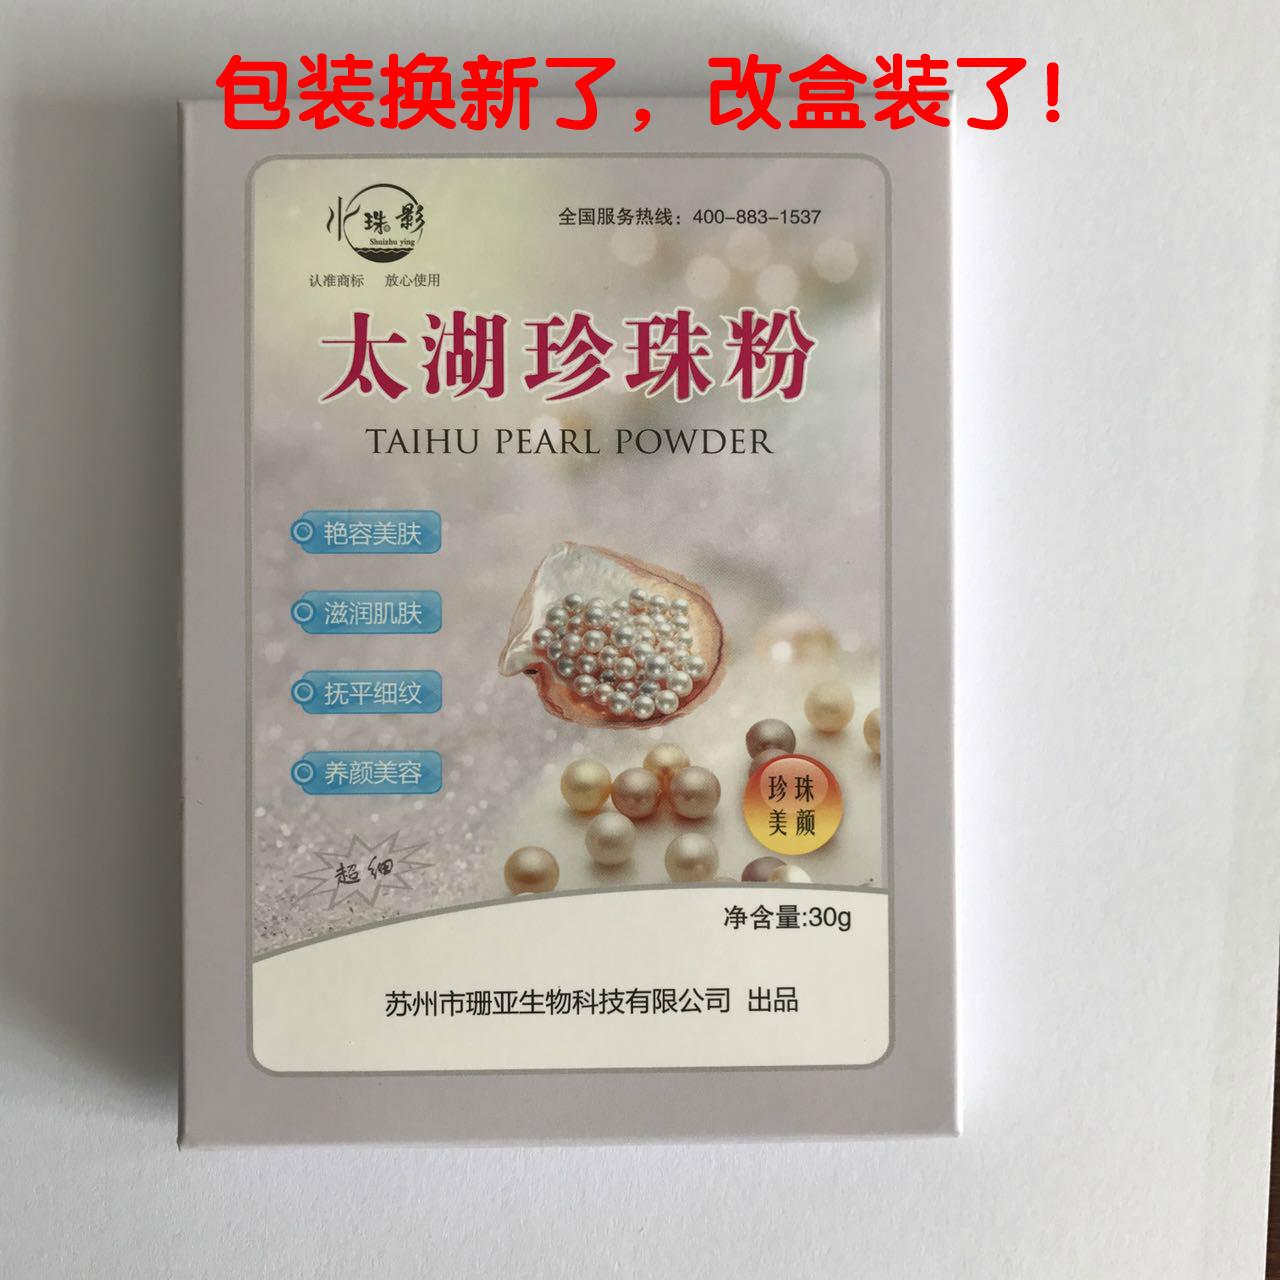 4盒包邮 正品 水珠影太湖珍珠粉 30g美颜控油面膜粉 超细纯珍珠